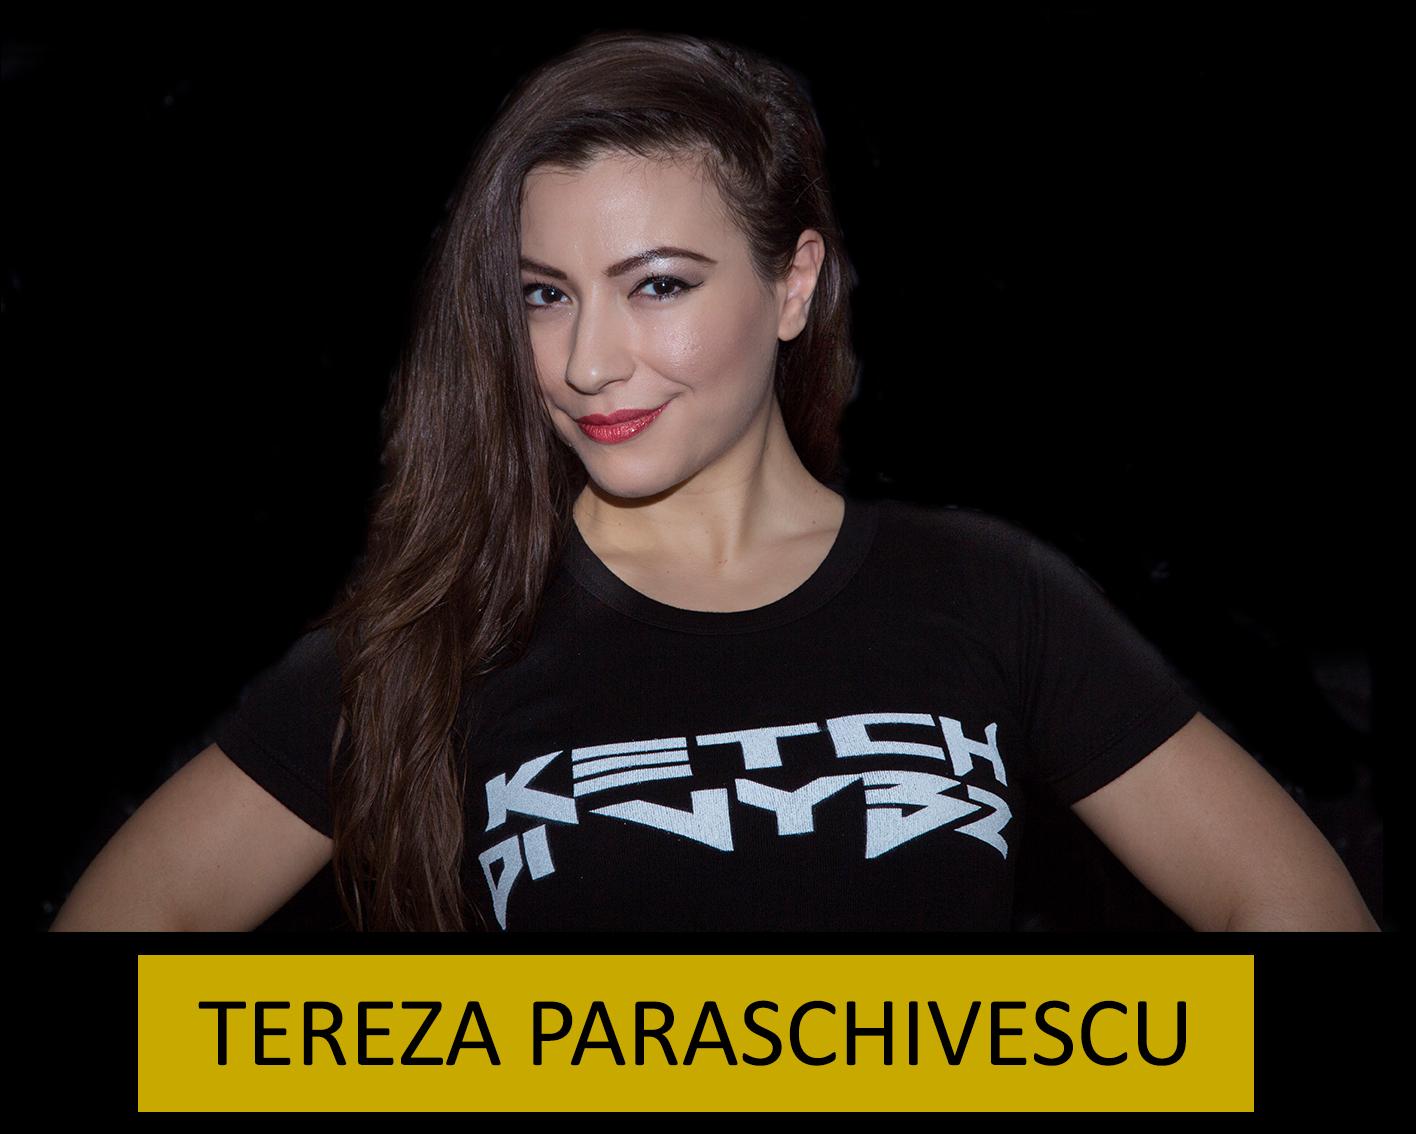 Click to read bio: Tereza